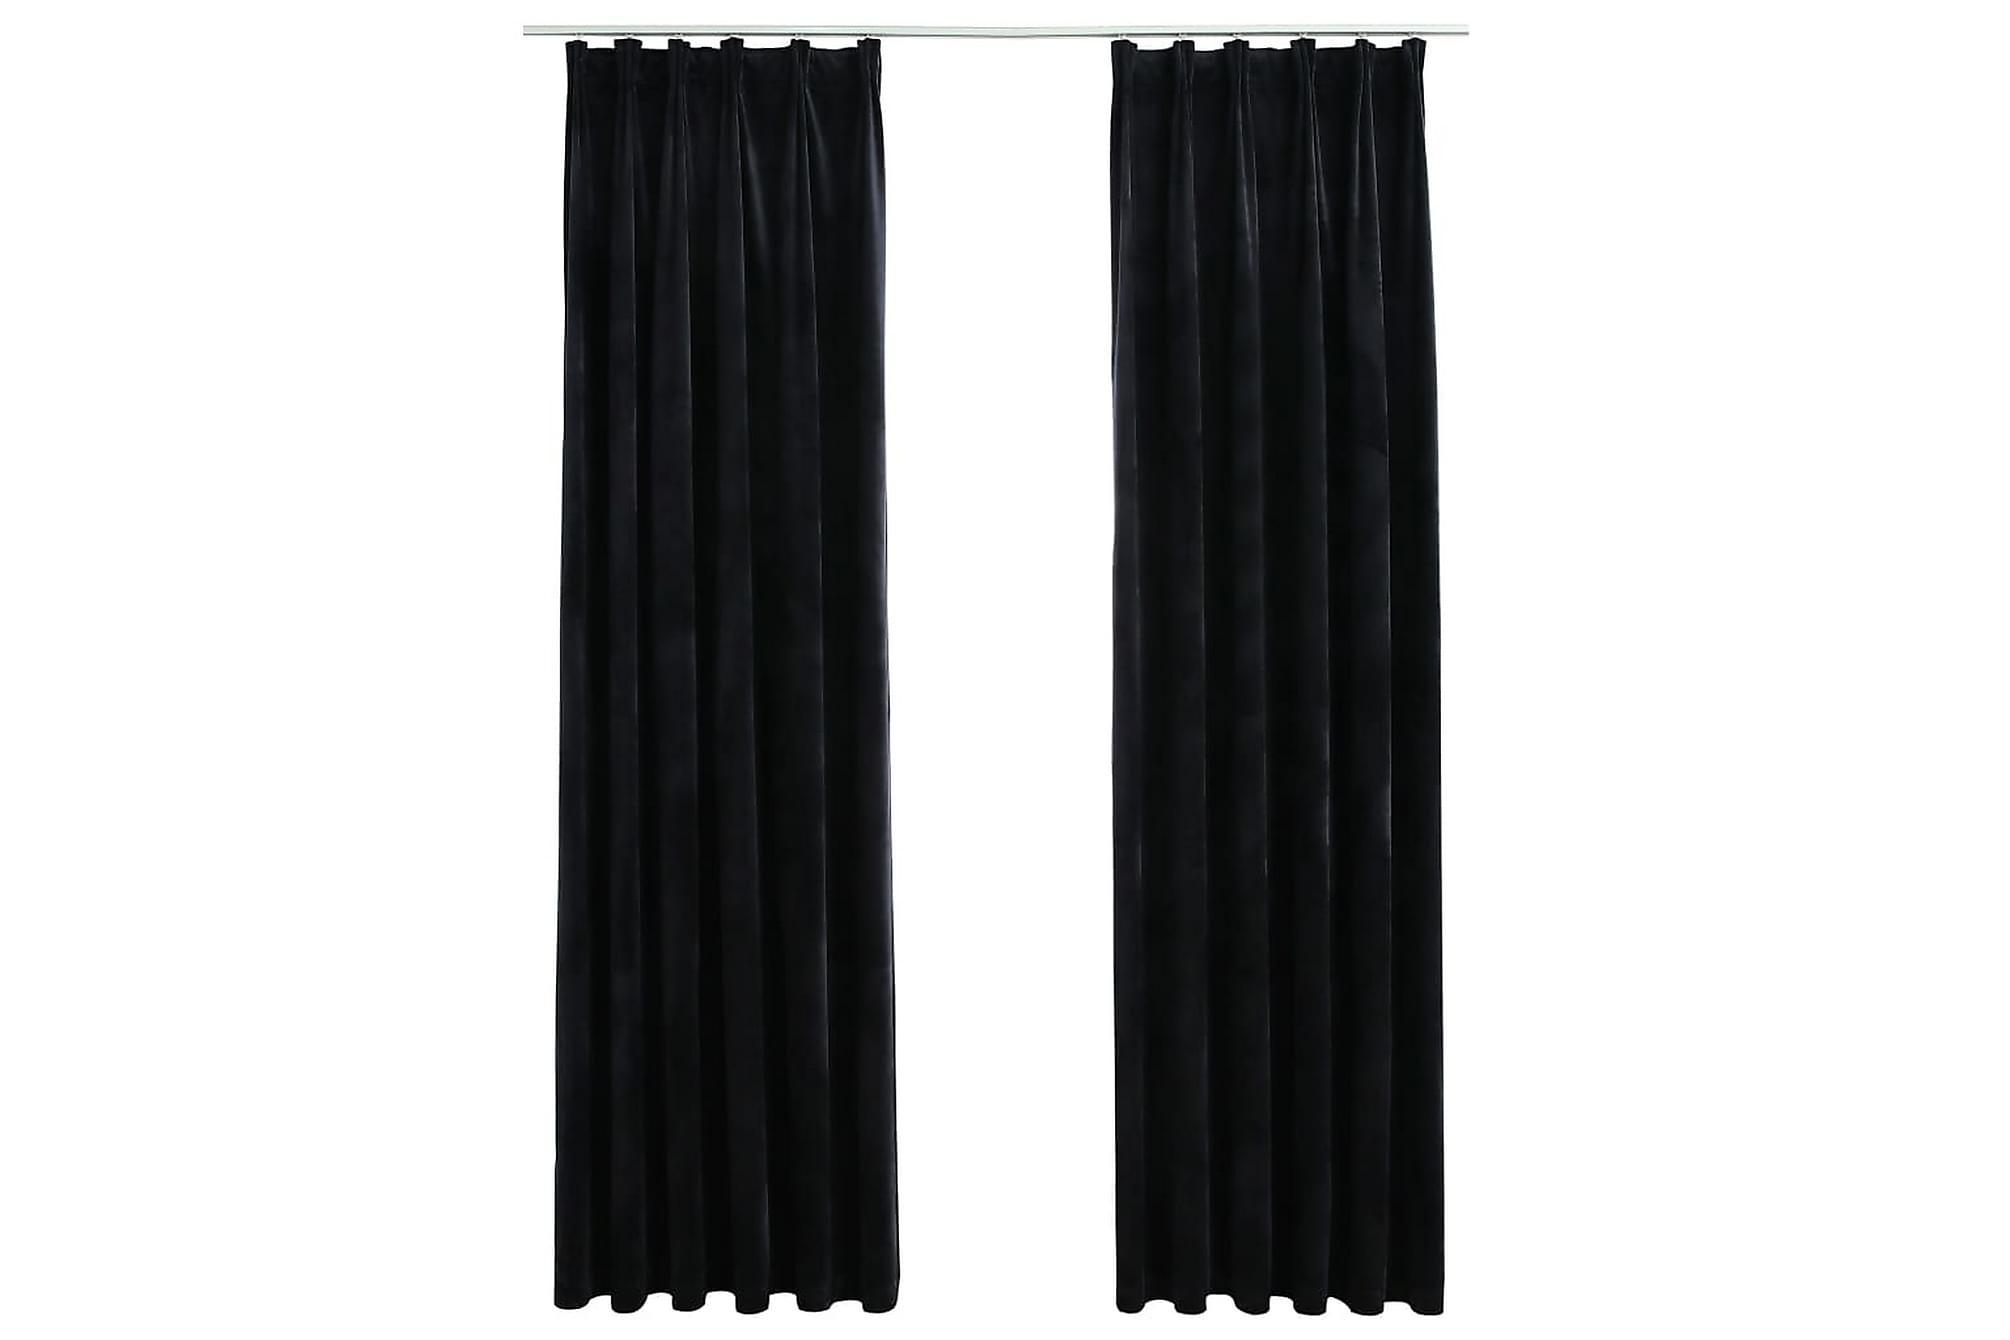 Mörkläggningsgardiner 2 st med krokar sammet svart 140×225